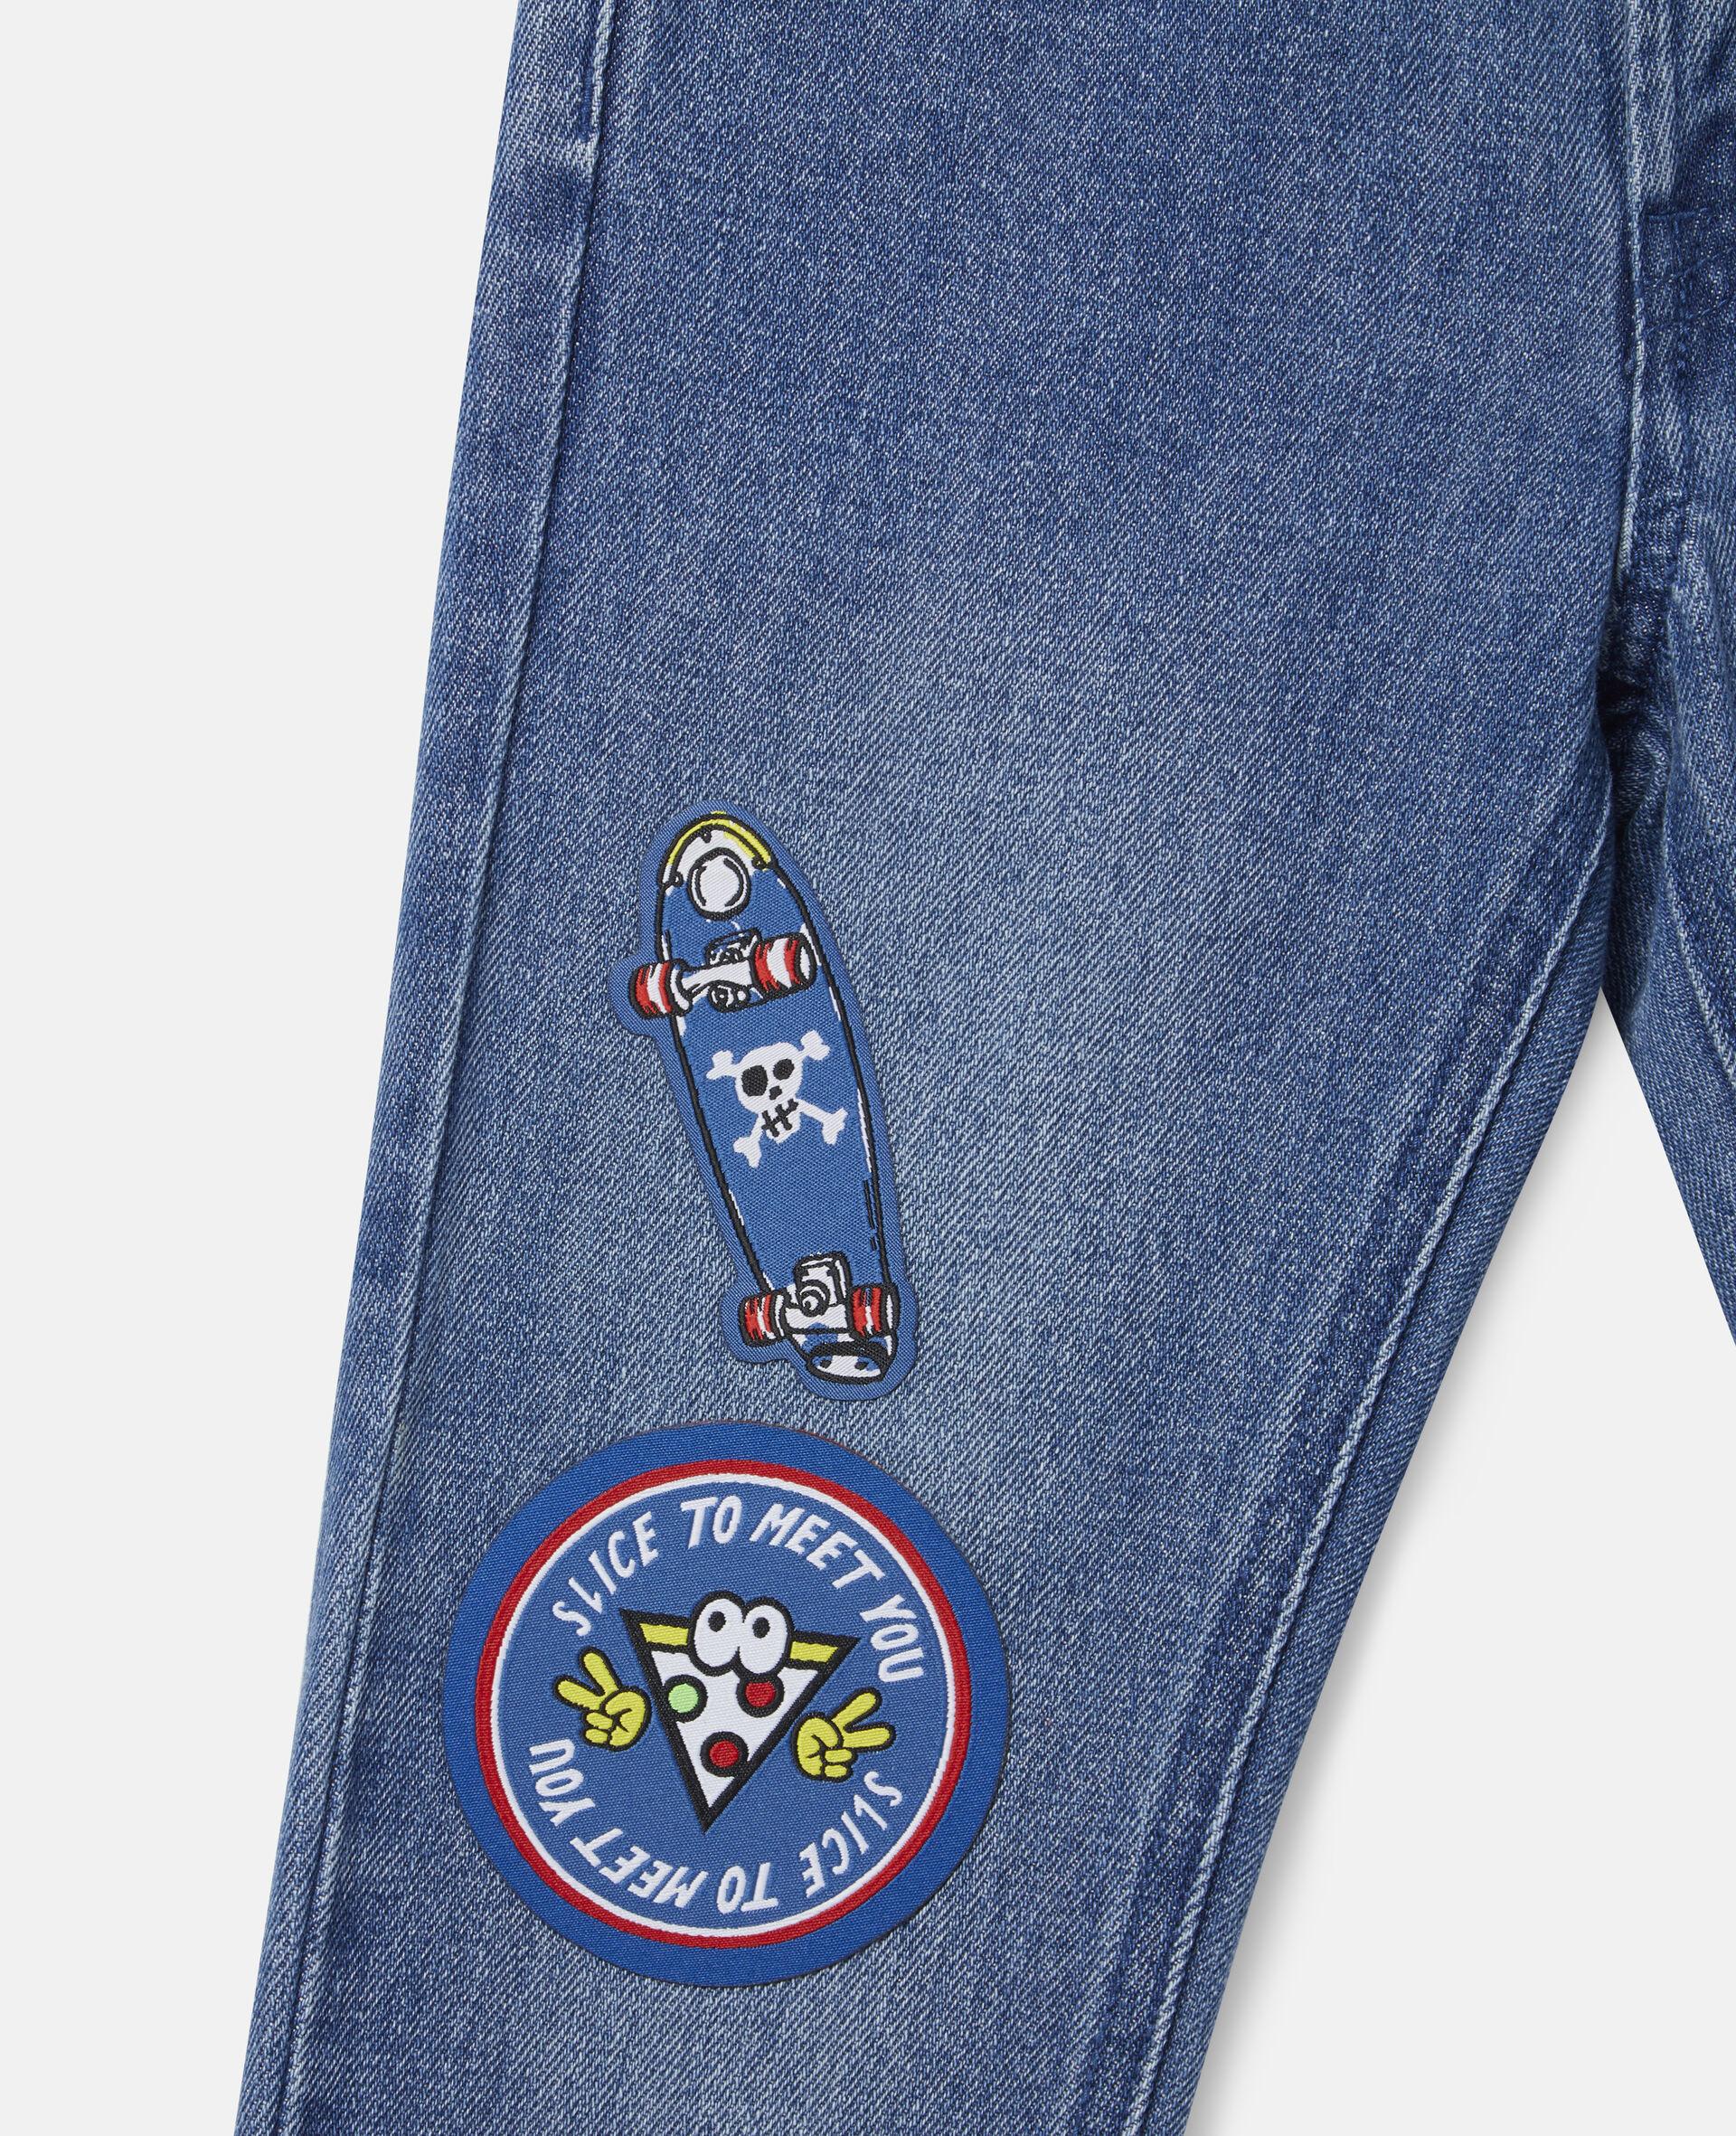 Skates Badges Denim Trousers-Blue-large image number 1